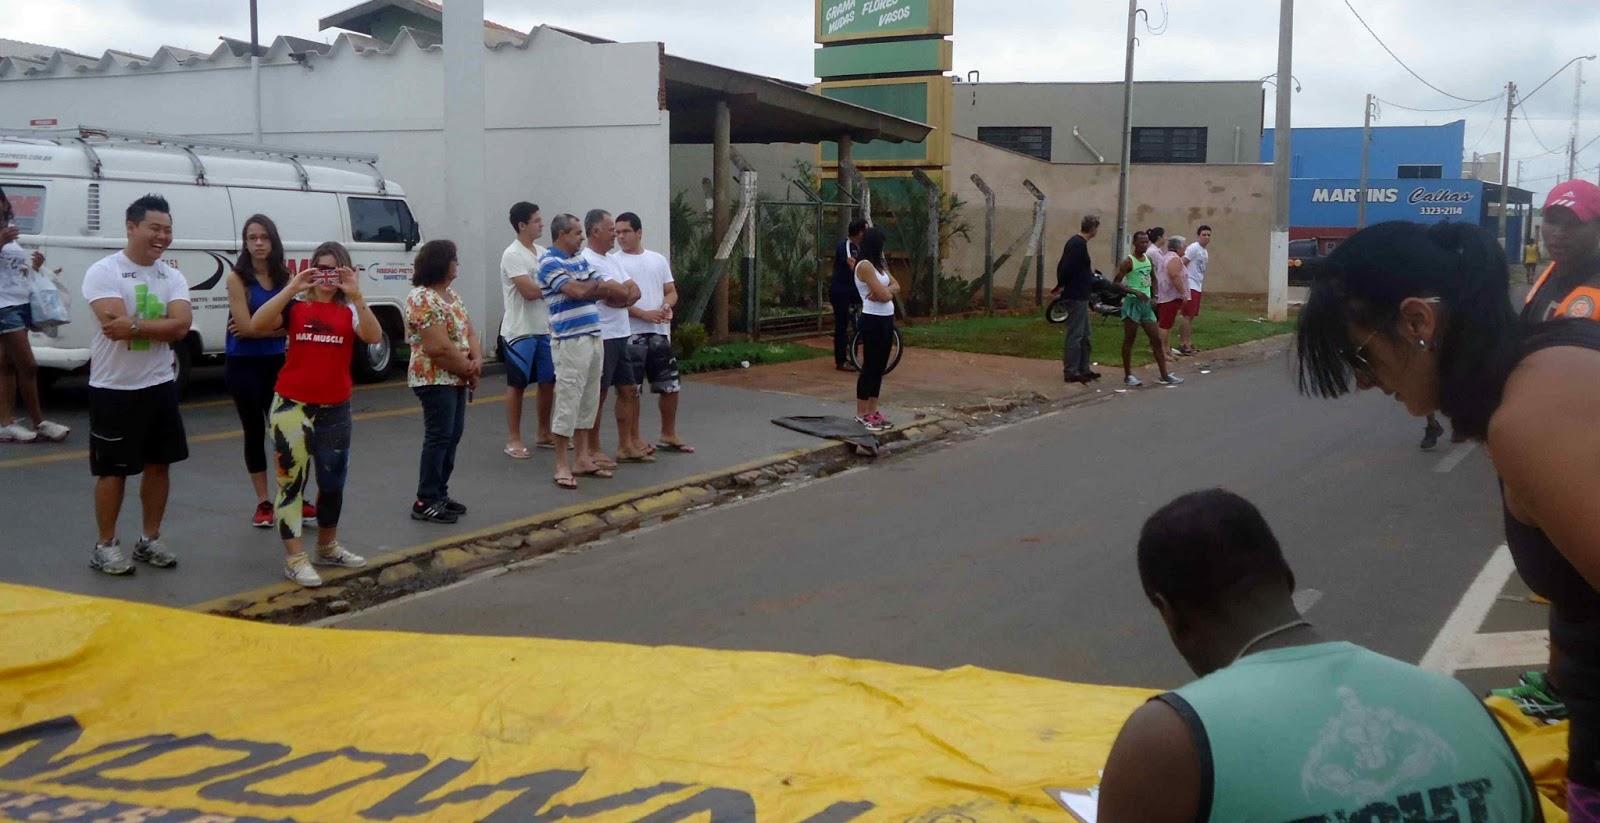 Foto 104 da 1ª Corrida Av. dos Coqueiros em Barretos-SP 14/04/2013 – Atletas cruzando a linha de chegada